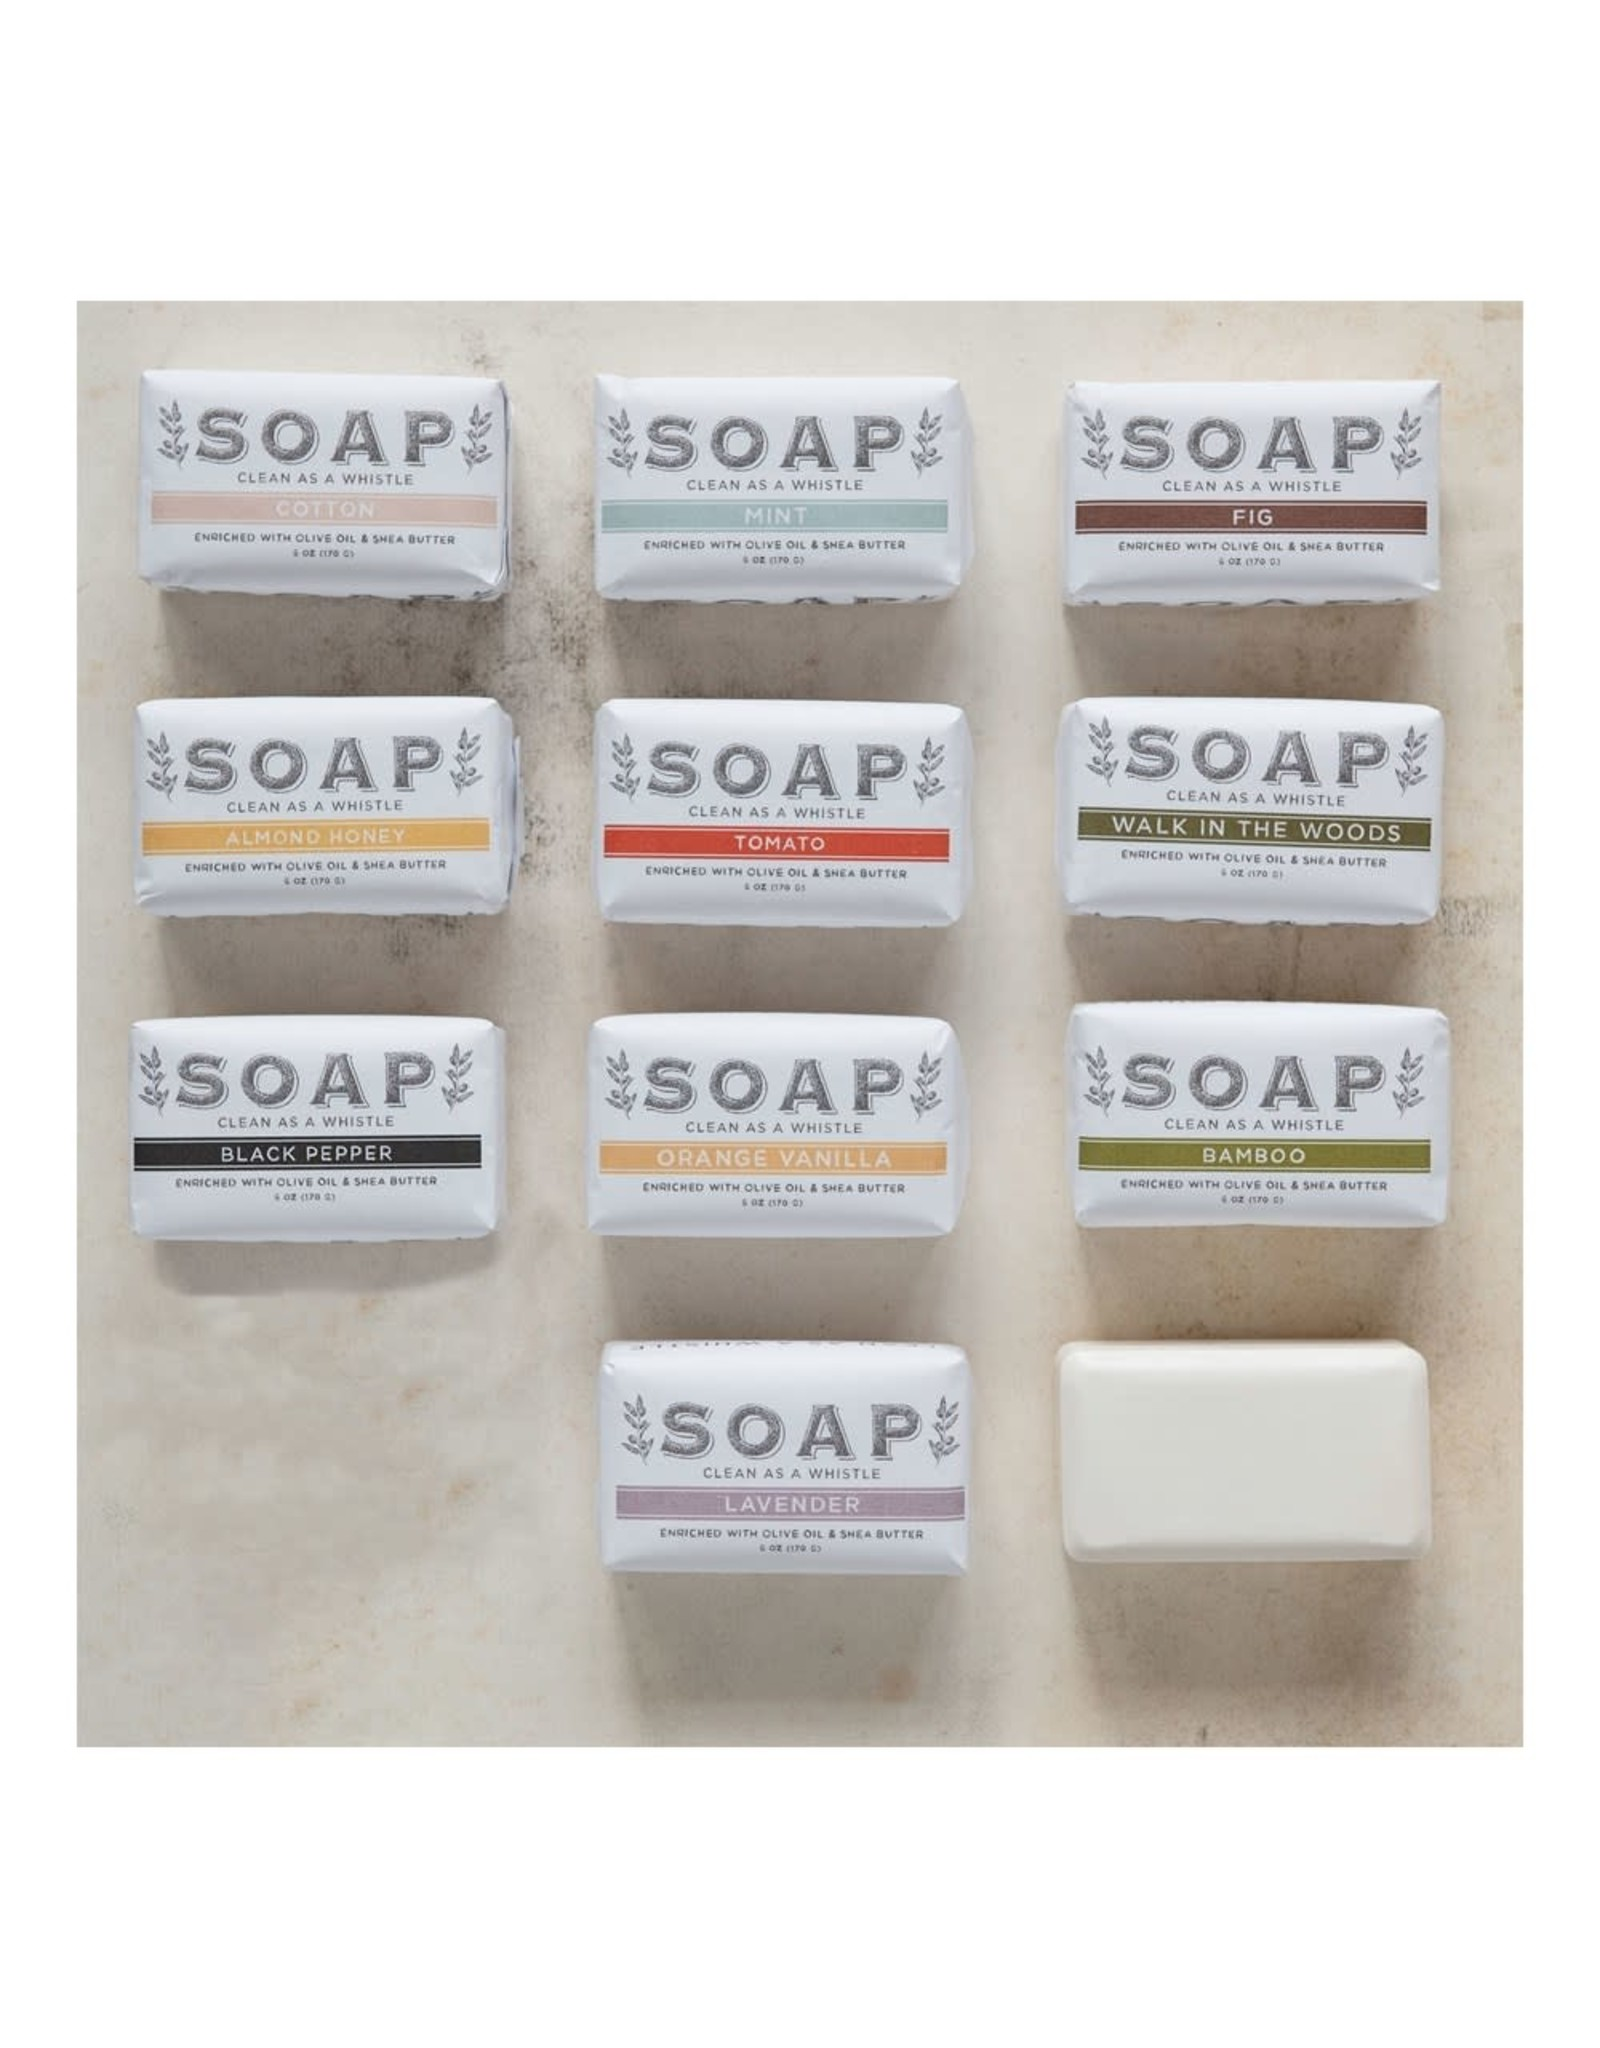 The Florist & The Merchant 6 oz Enriched Bar Soap